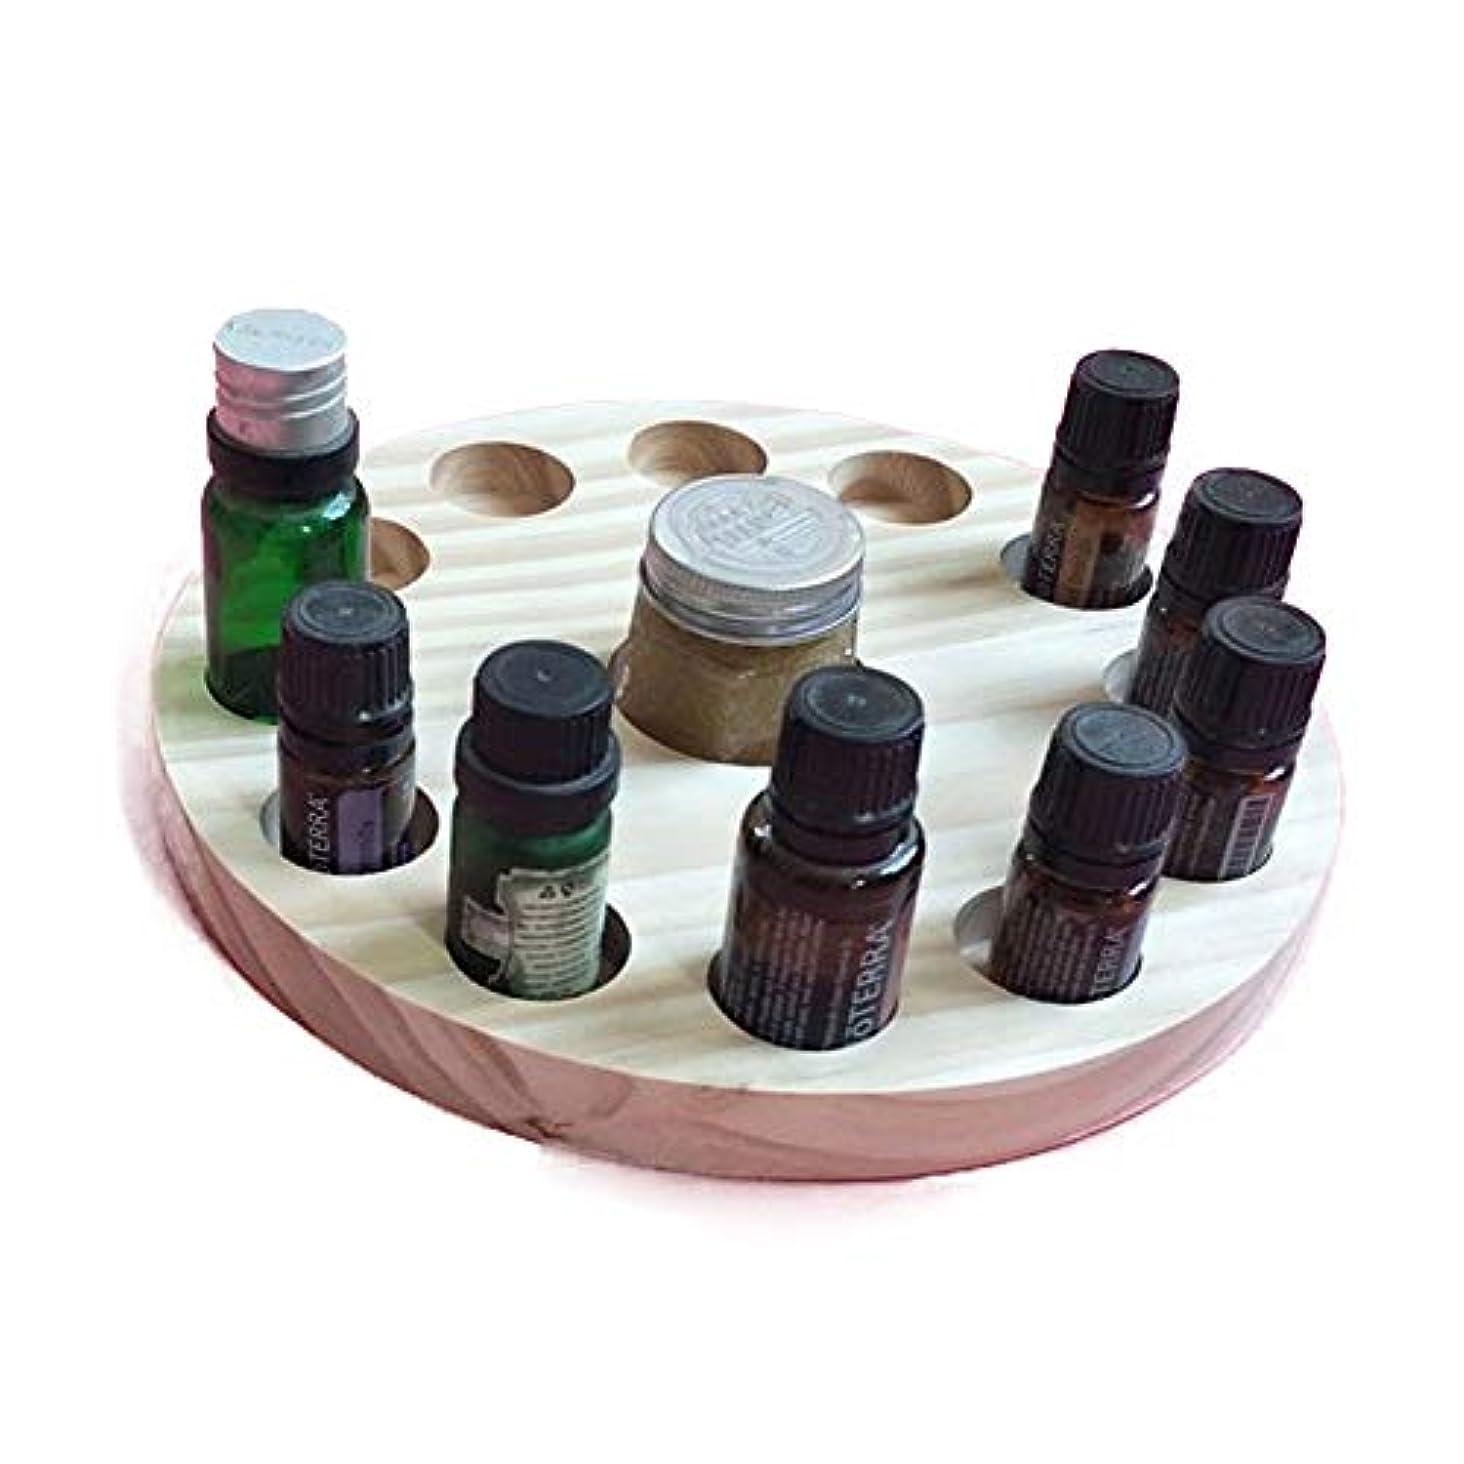 関係ない曇った背が高いエッセンシャルオイルボックス 油および組織インプレッションオイル10mlのボトルを格納木製スロット13オイル収納ボックス12 アロマセラピー収納ボックス (色 : Natural, サイズ : Free size)